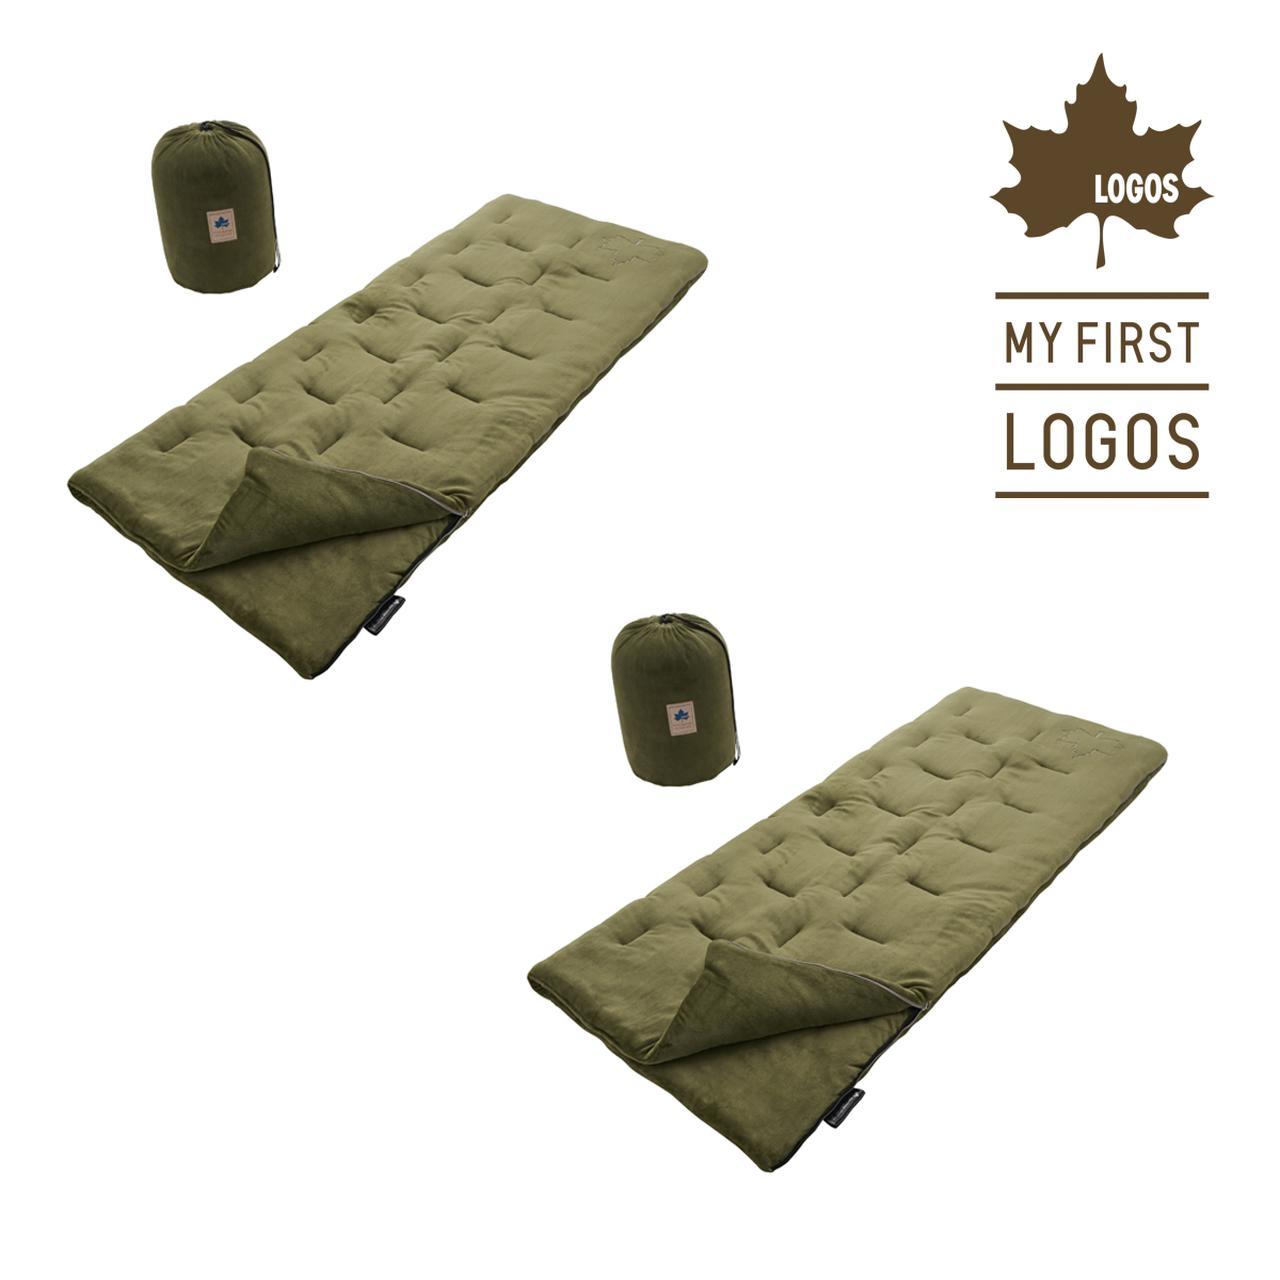 画像3: LOGOS(ロゴス)秋キャンプおすすめアイテムを厳選!25種類のお得なセット販売「MY FIRST LOGOS キャンペーン」 開催です!